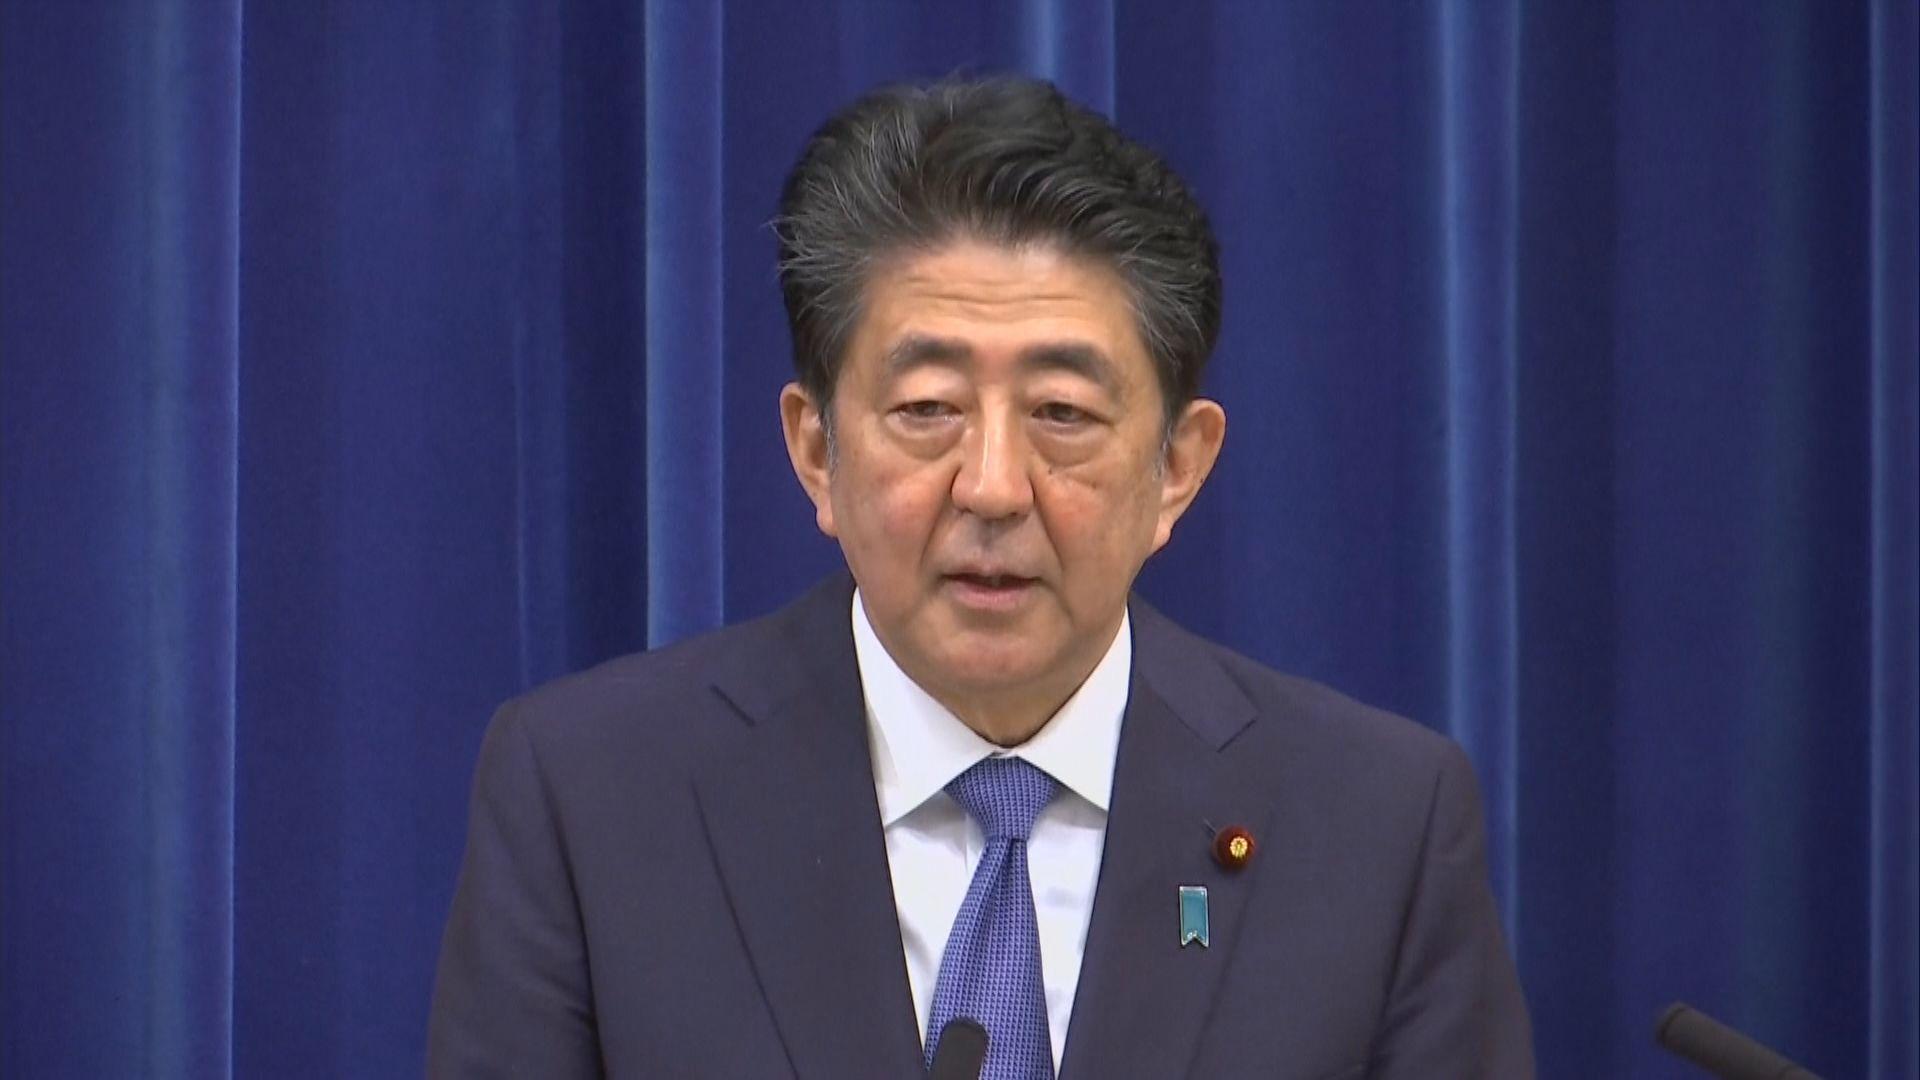 安倍:會繼續履行職務直至新首相上任 不會設臨時首相